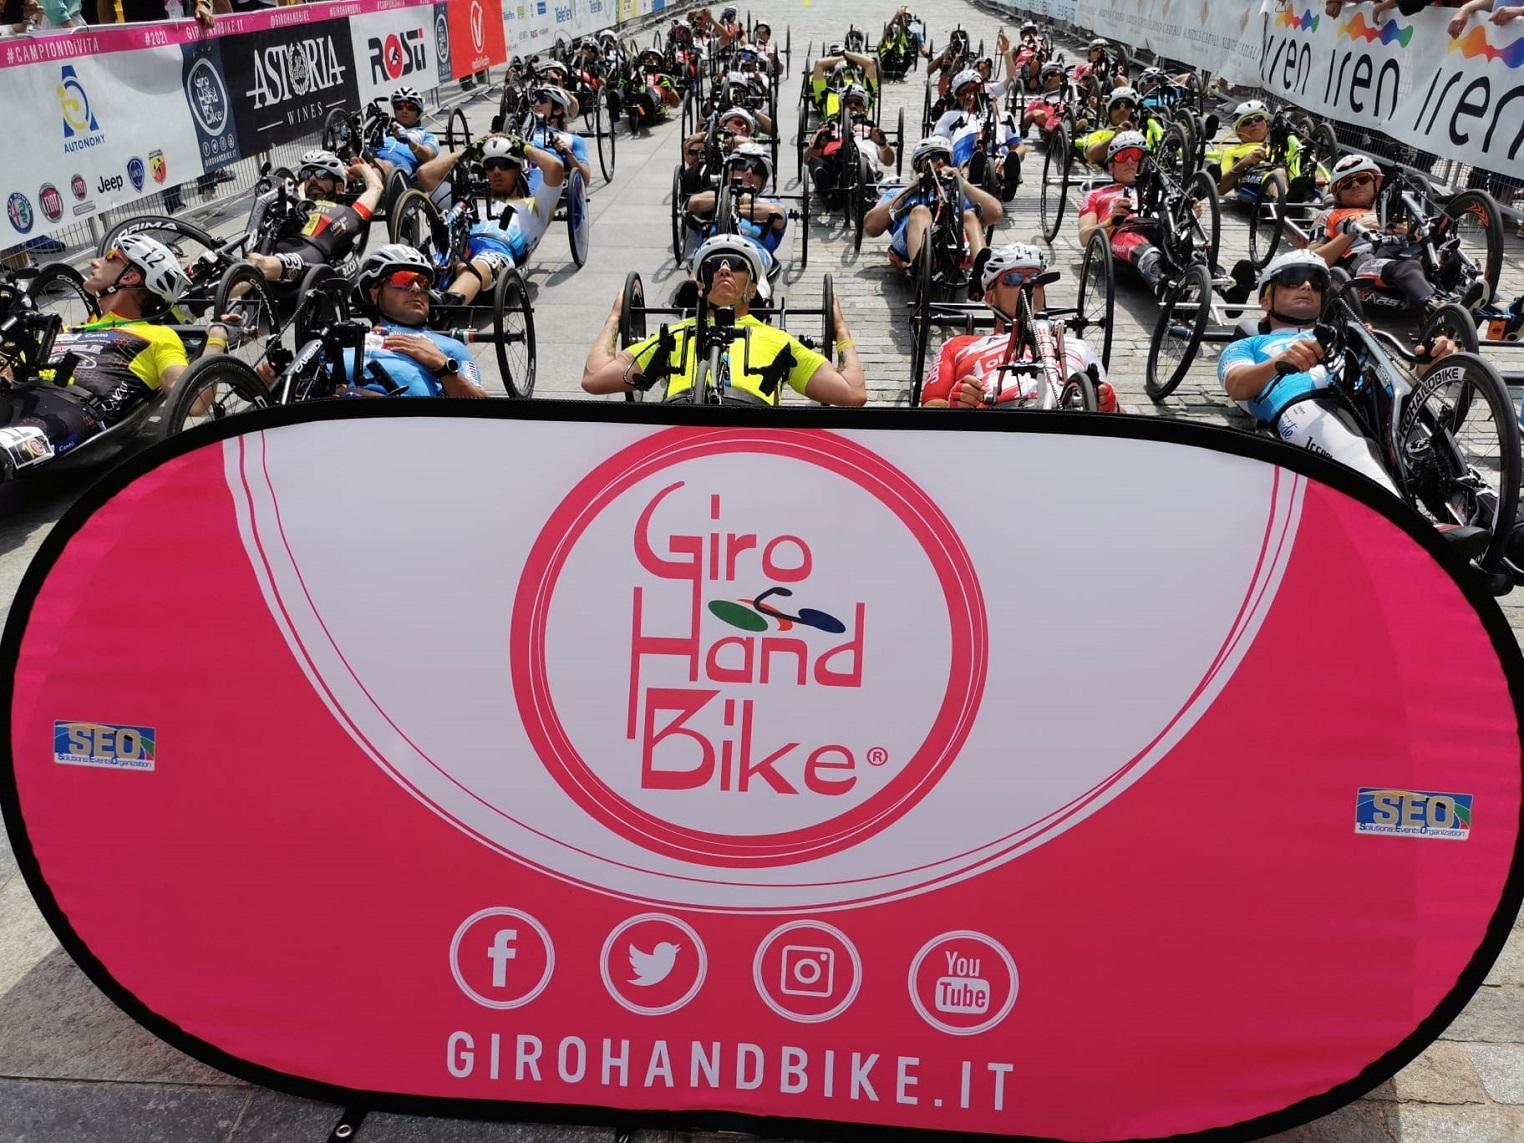 GiroHandbike